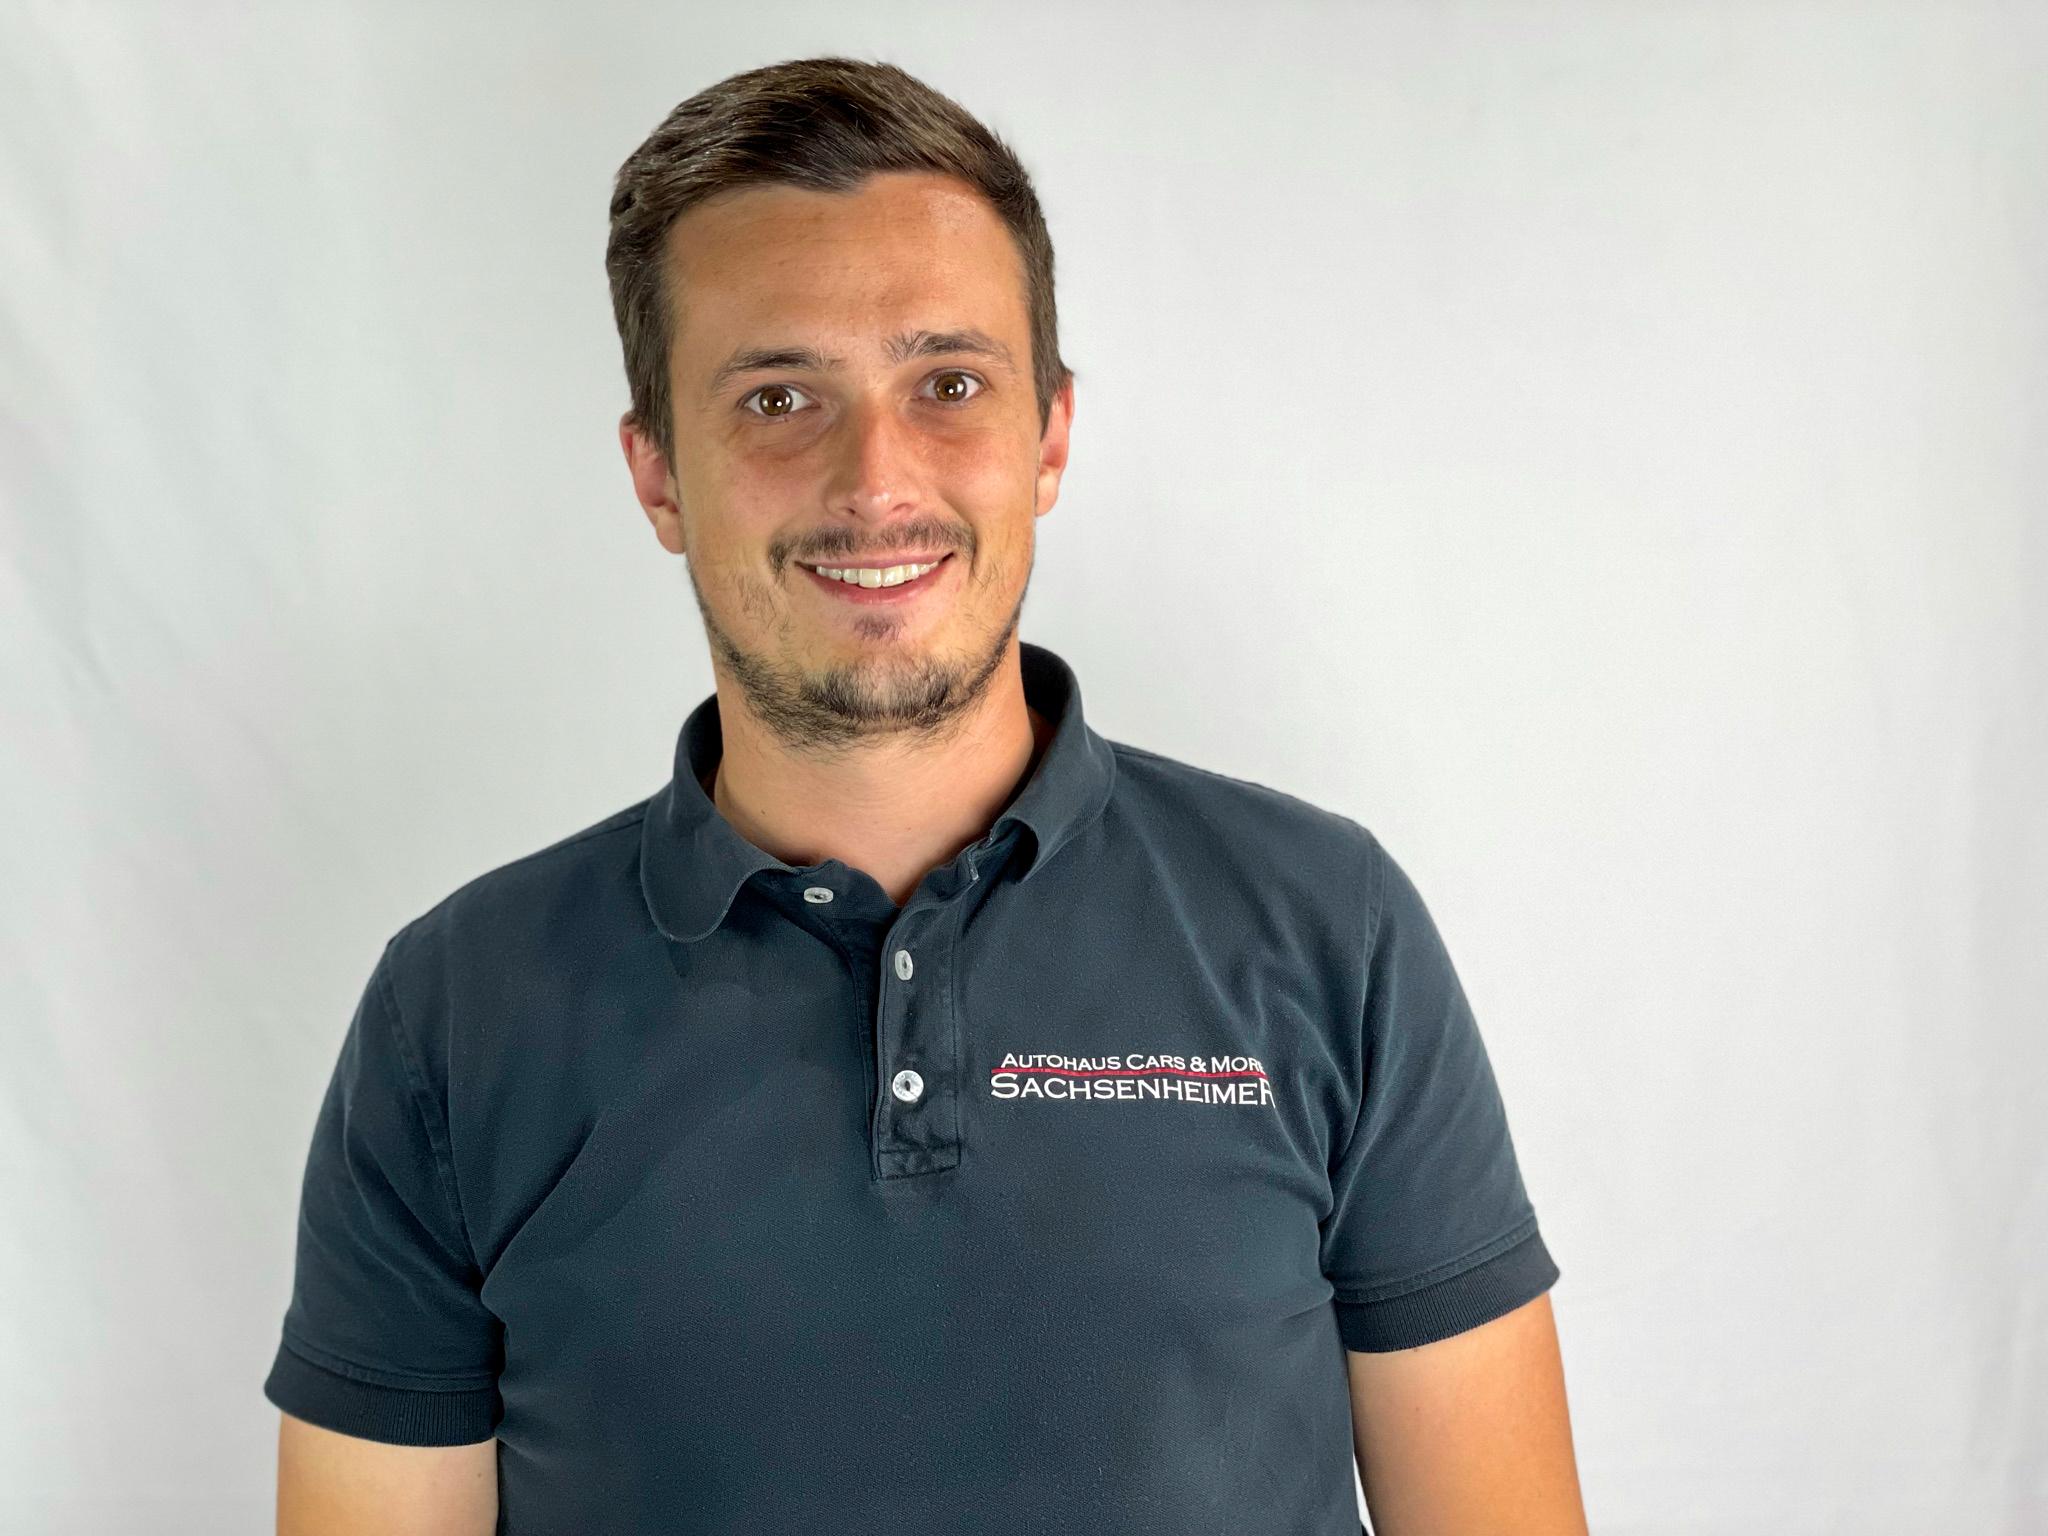 Steven Sachsenheimer Geschäftsführer und Verkäufer von Autohaus Cars & More